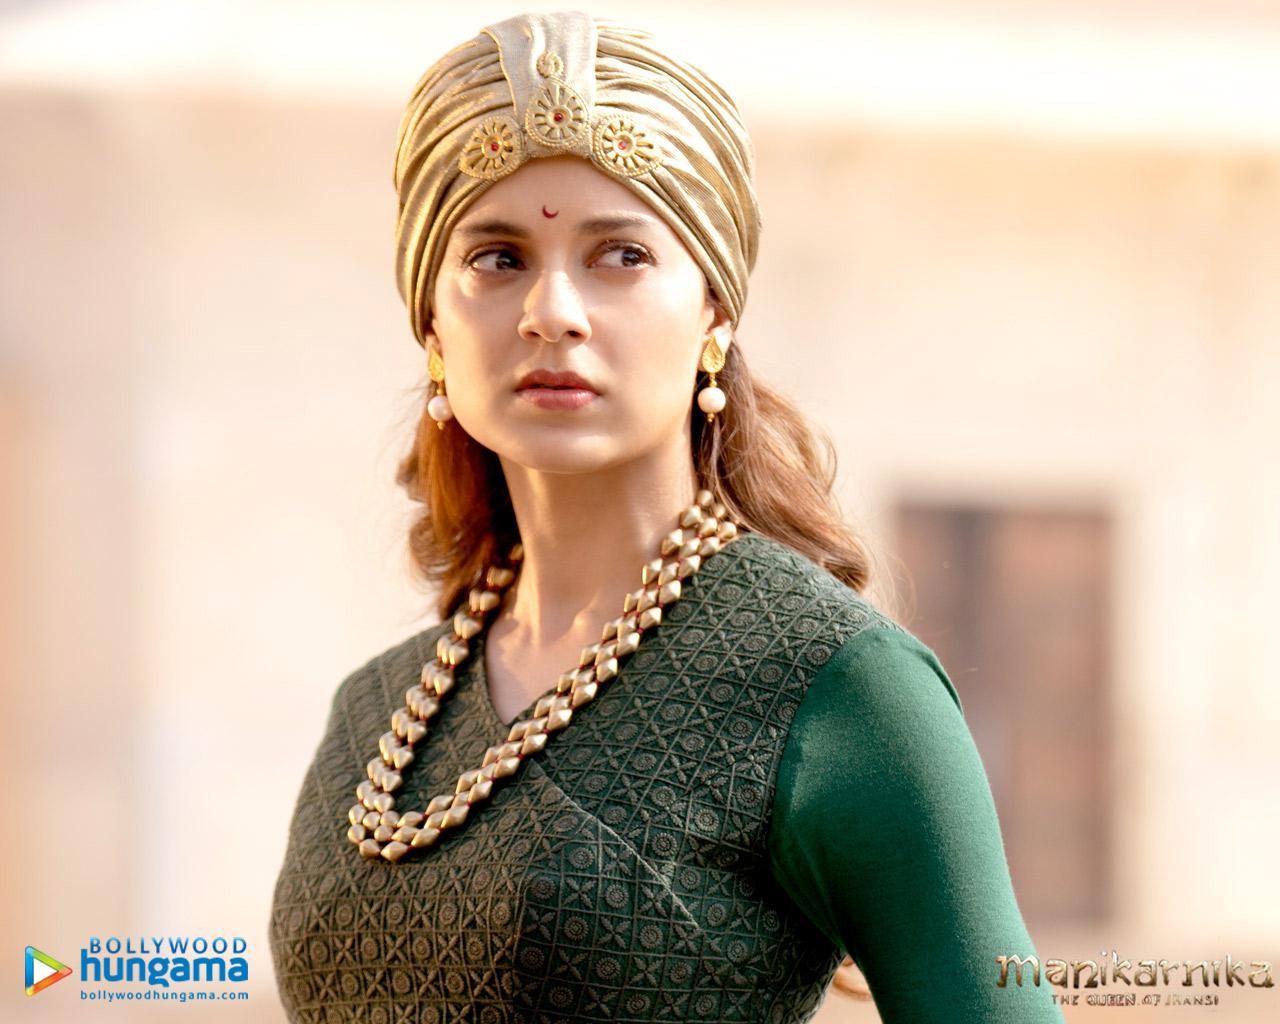 Manikarnika The Queen Of Jhansi 2019 Wallpapers manikarnika 1280x1024